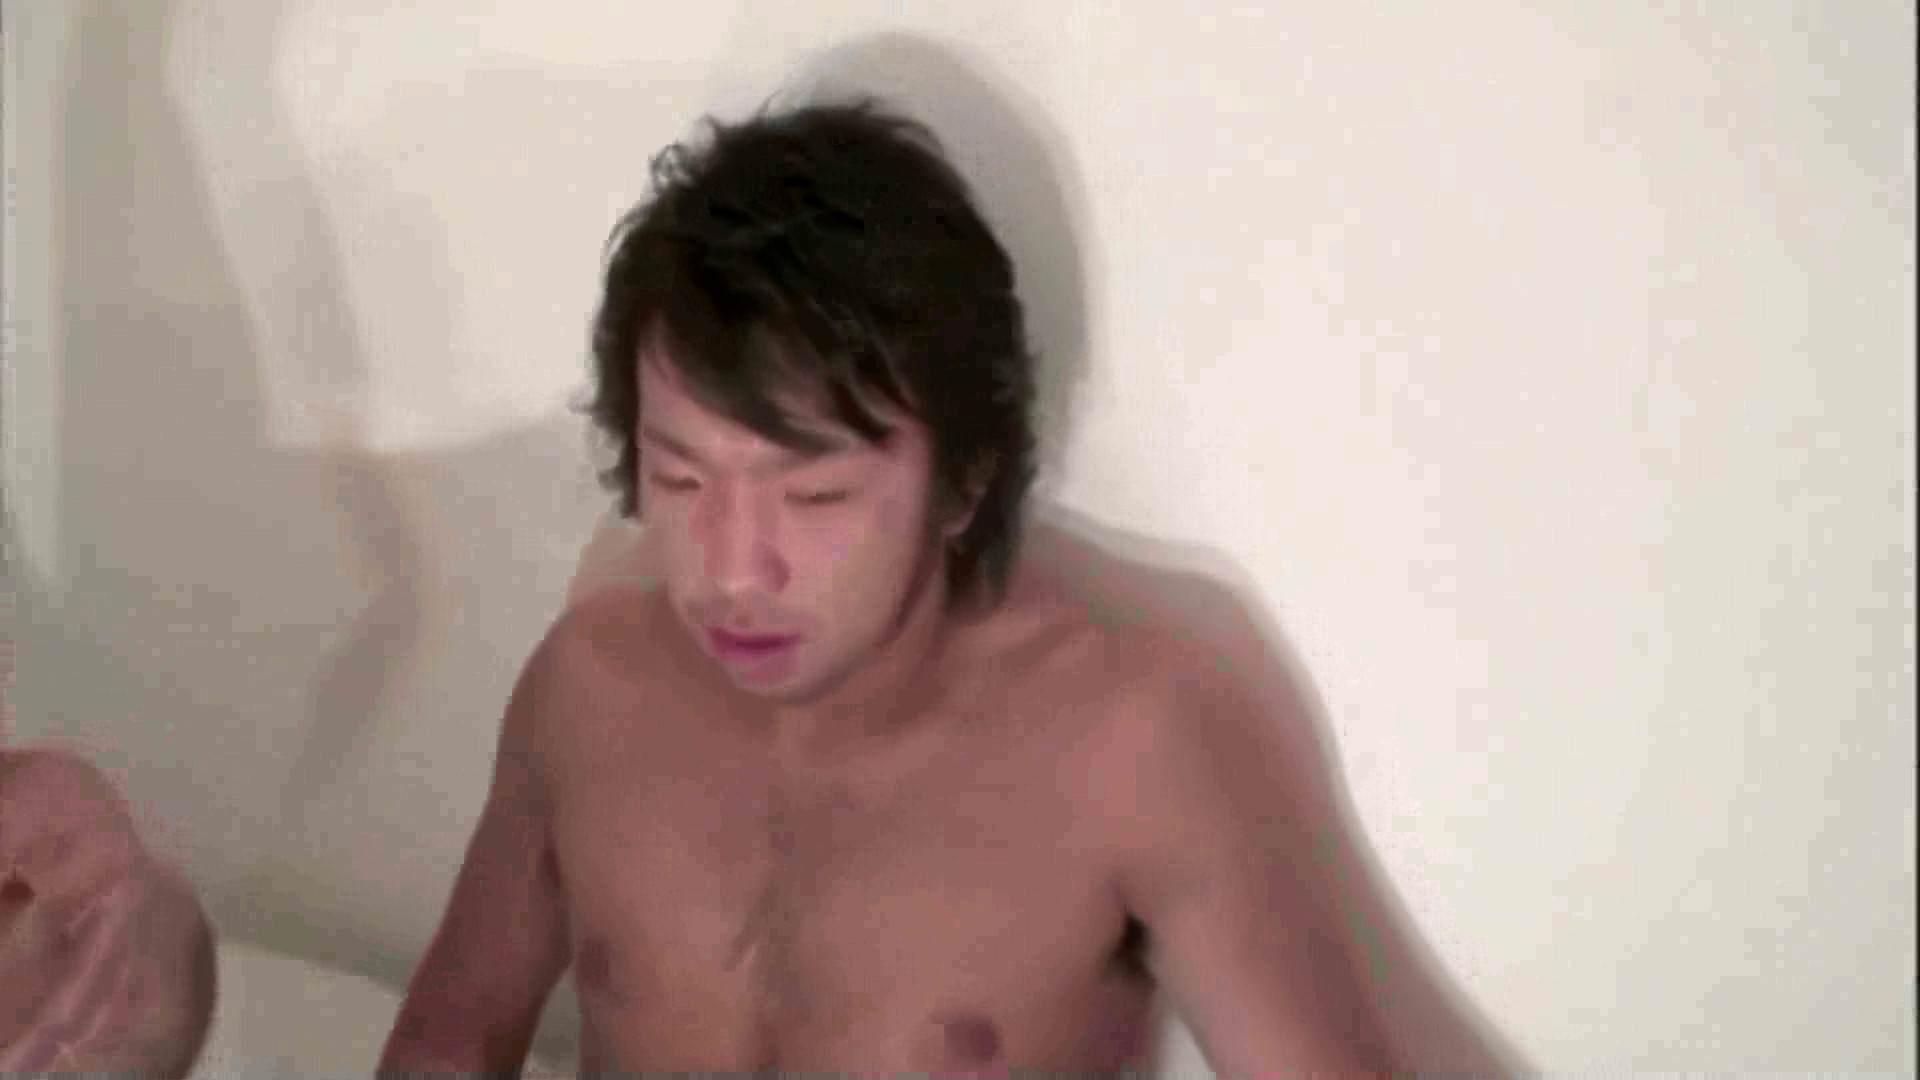 イカせ屋 Vol.07 イケメンたち ゲイヌード画像 109枚 15